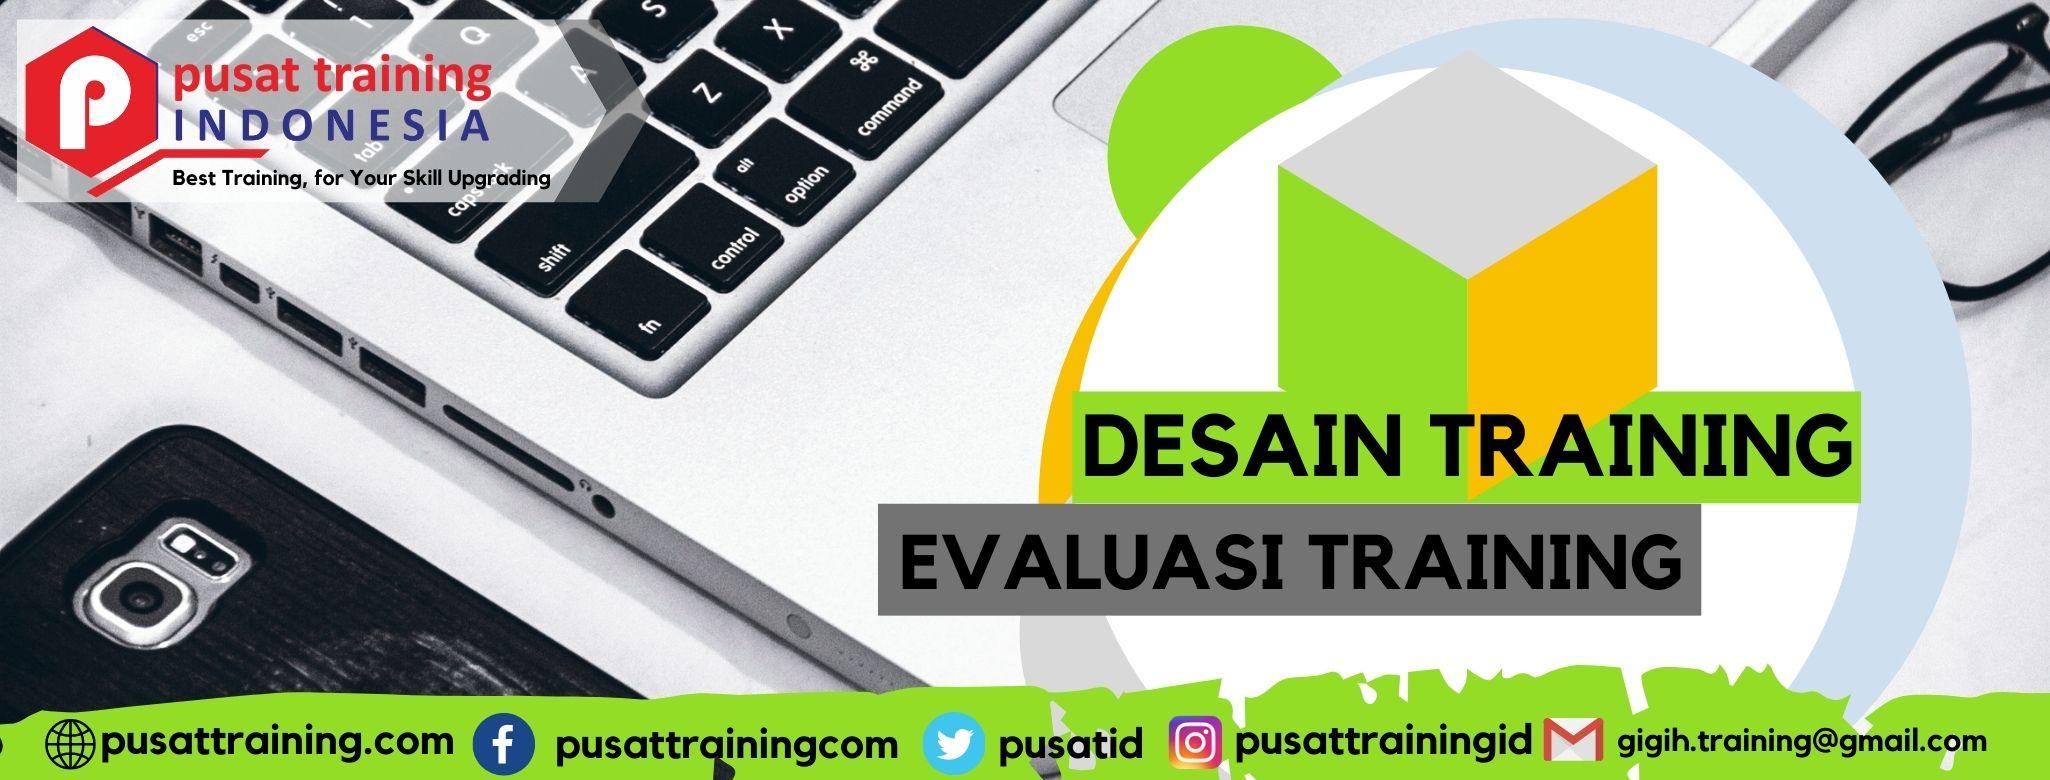 DESAIN TRAINING DAN EVALUASI TRAINING